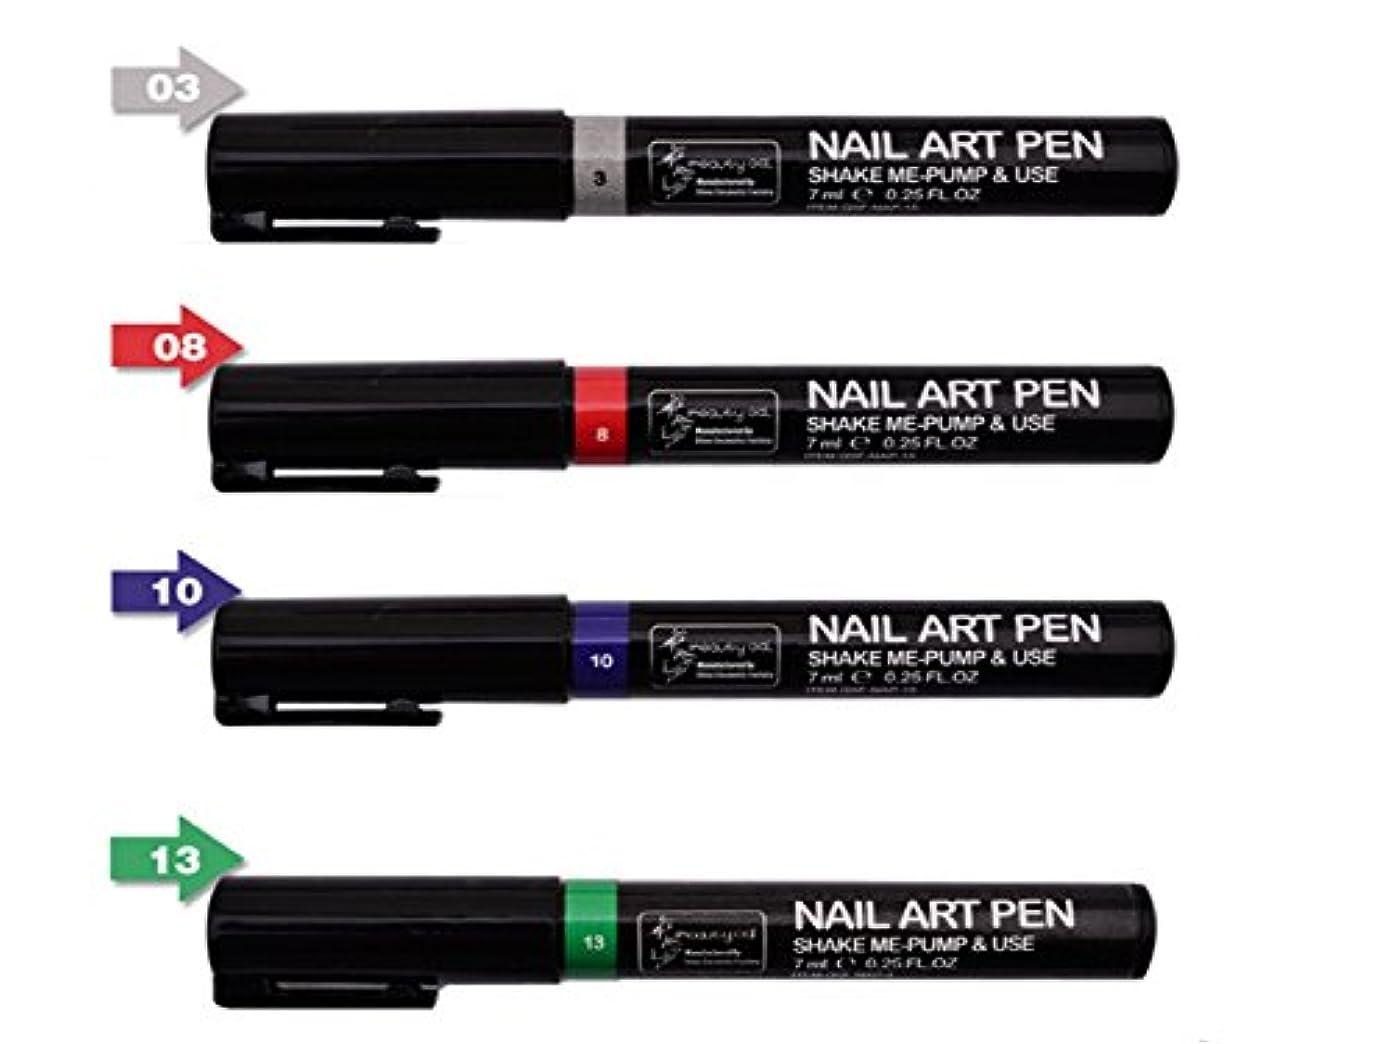 多様性同級生精査するネイルアートツール3DペイントペンスタイリングドットペンシルネイルブラシDIYマニキュアペンネイルペイントペン (組み合わせ2)